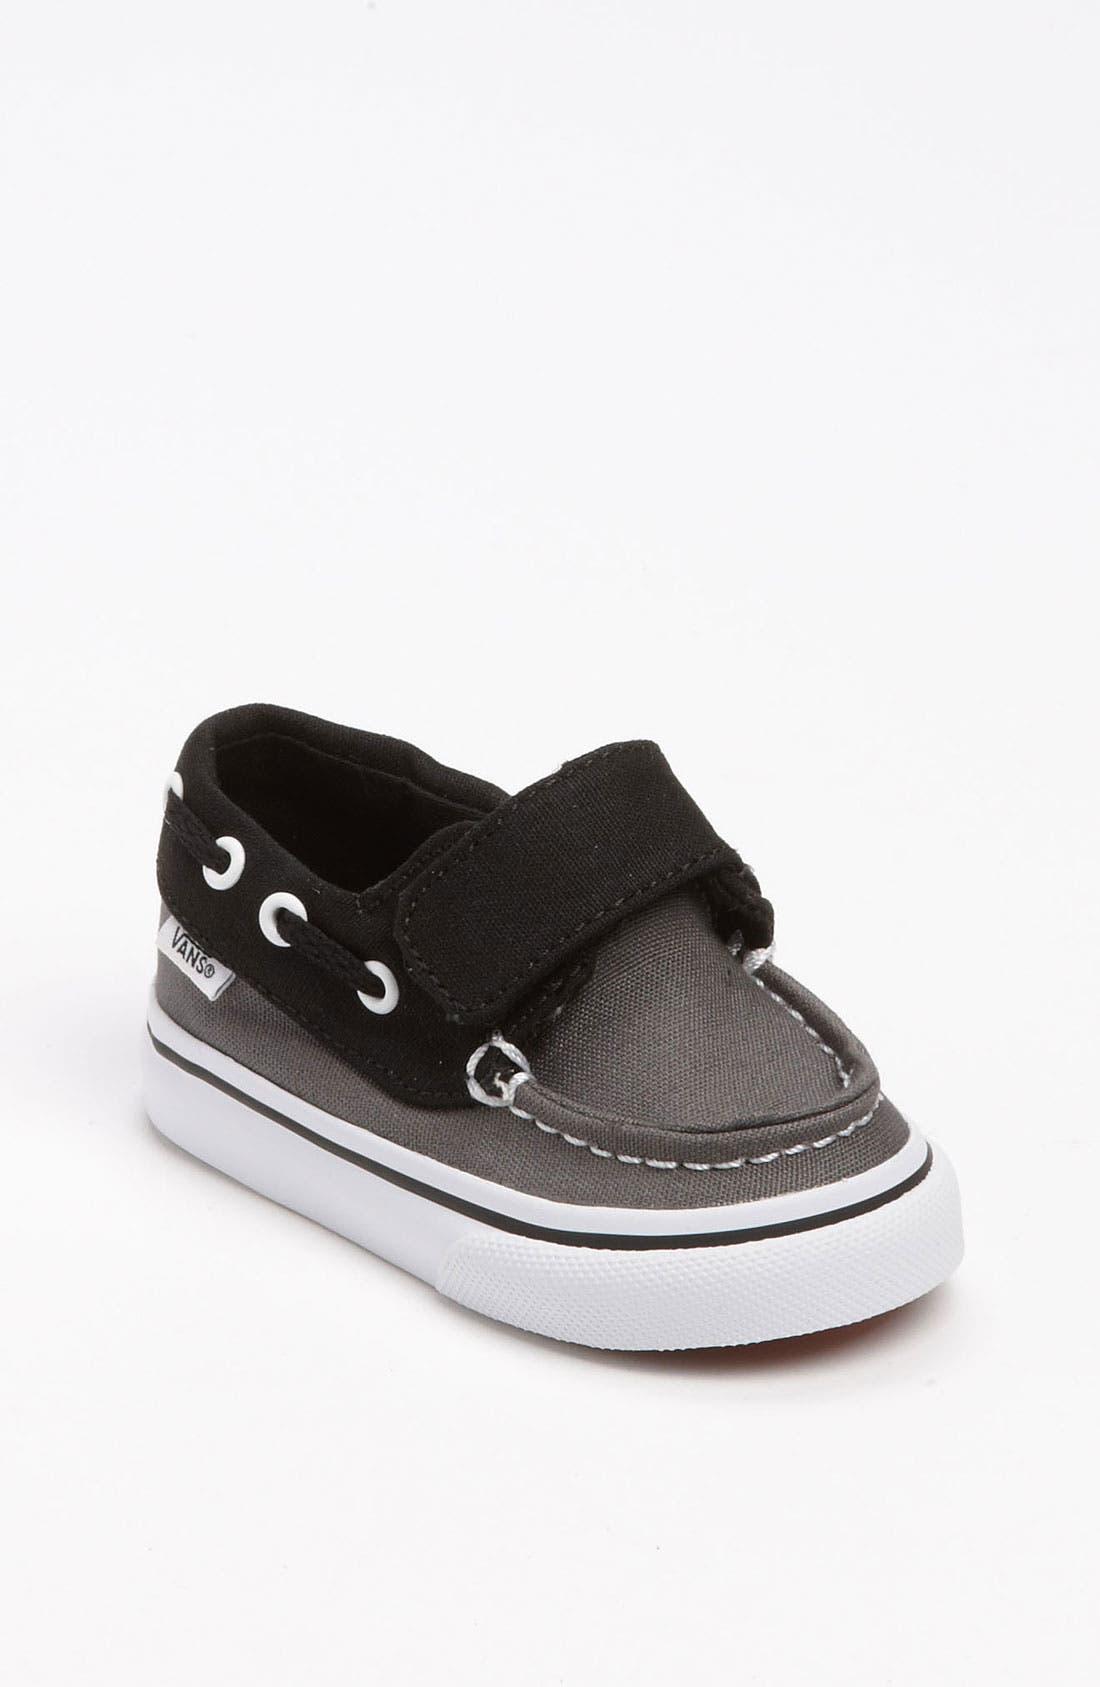 Alternate Image 1 Selected - Vans 'Zapato del Barco V' Boat Shoe (Baby, Walker & Toddler)